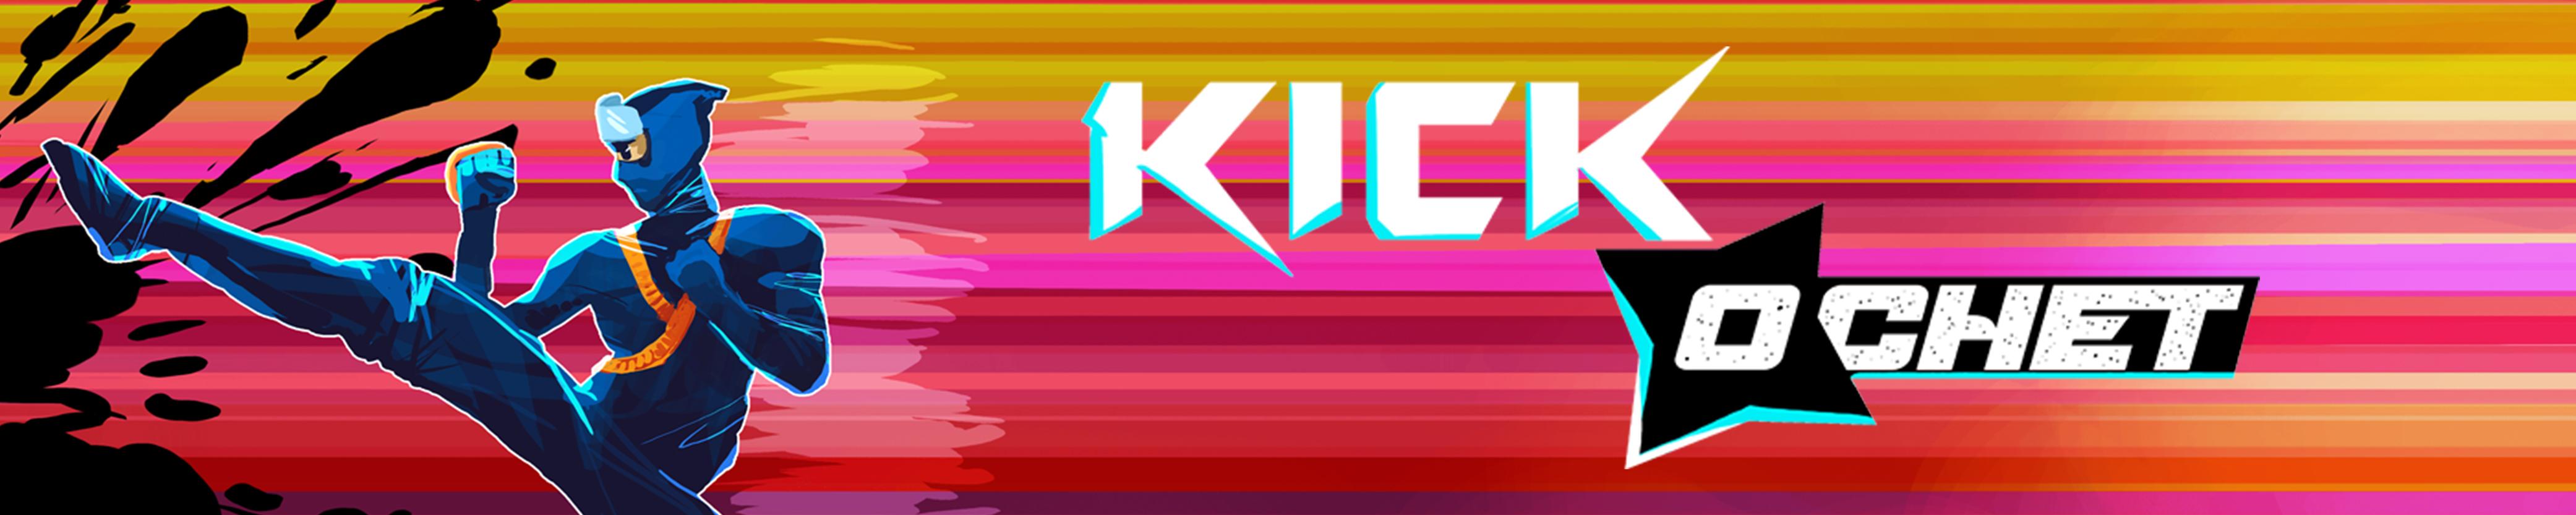 Kickochet (demo)